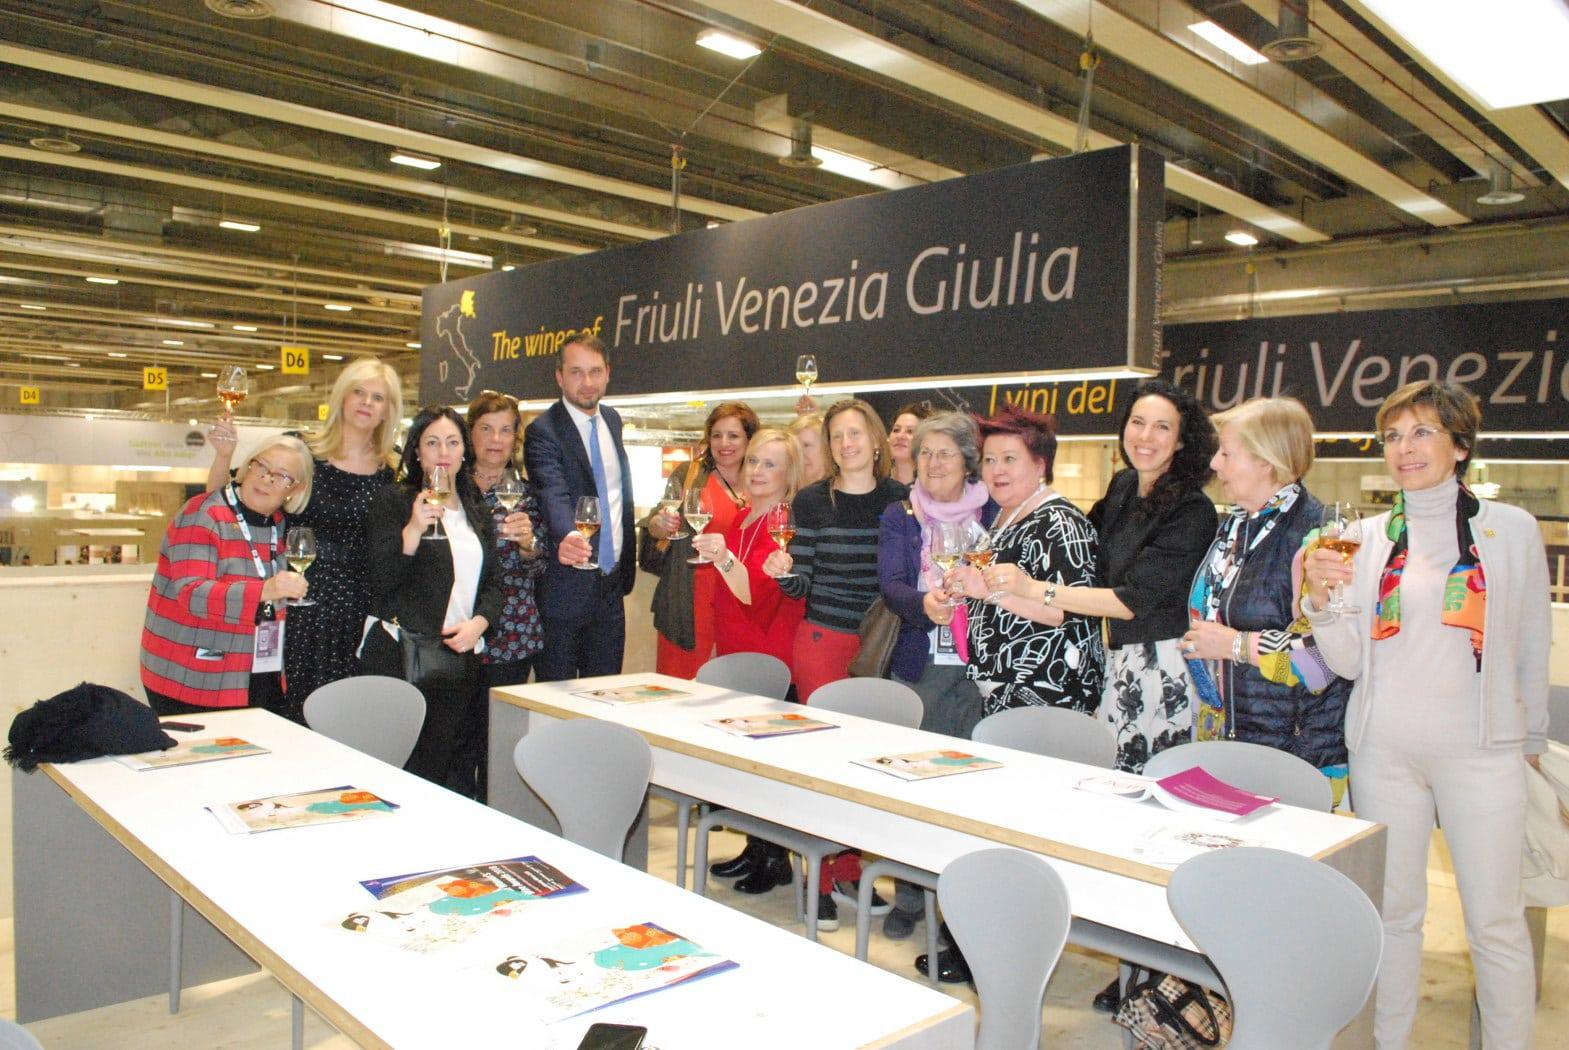 Vinitaly 2018. Le Donne del Vino del Friuli VG brindano al trentennale dell'Associazione